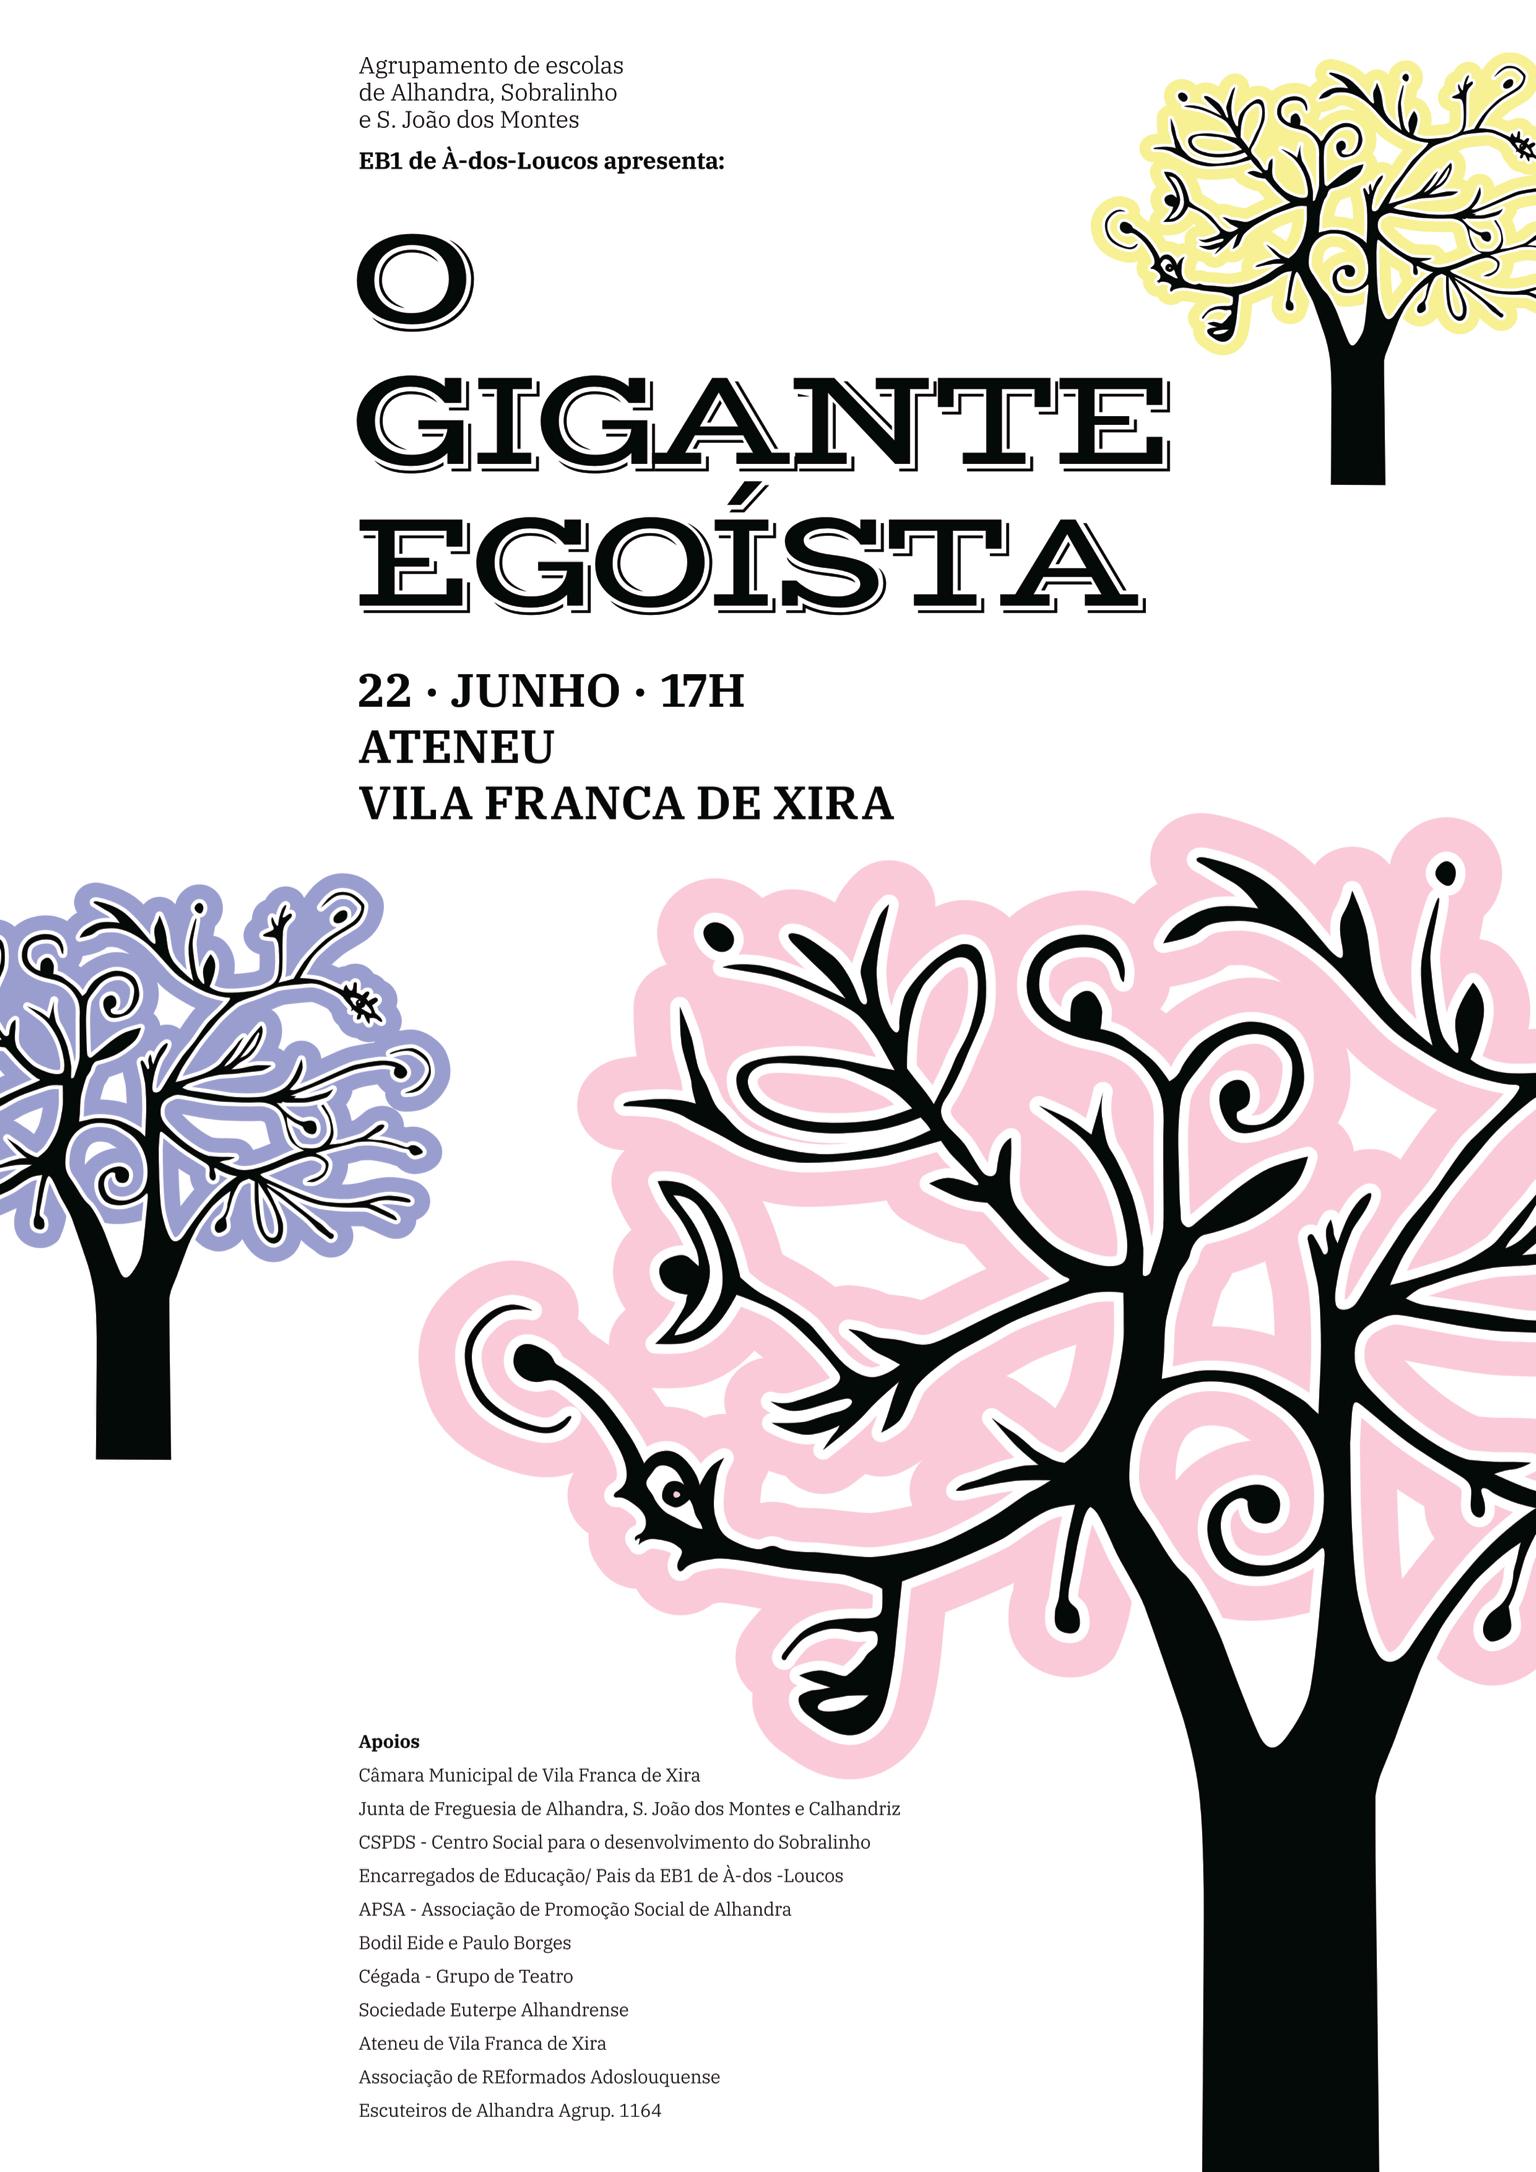 CartazGiganteA200.jpg